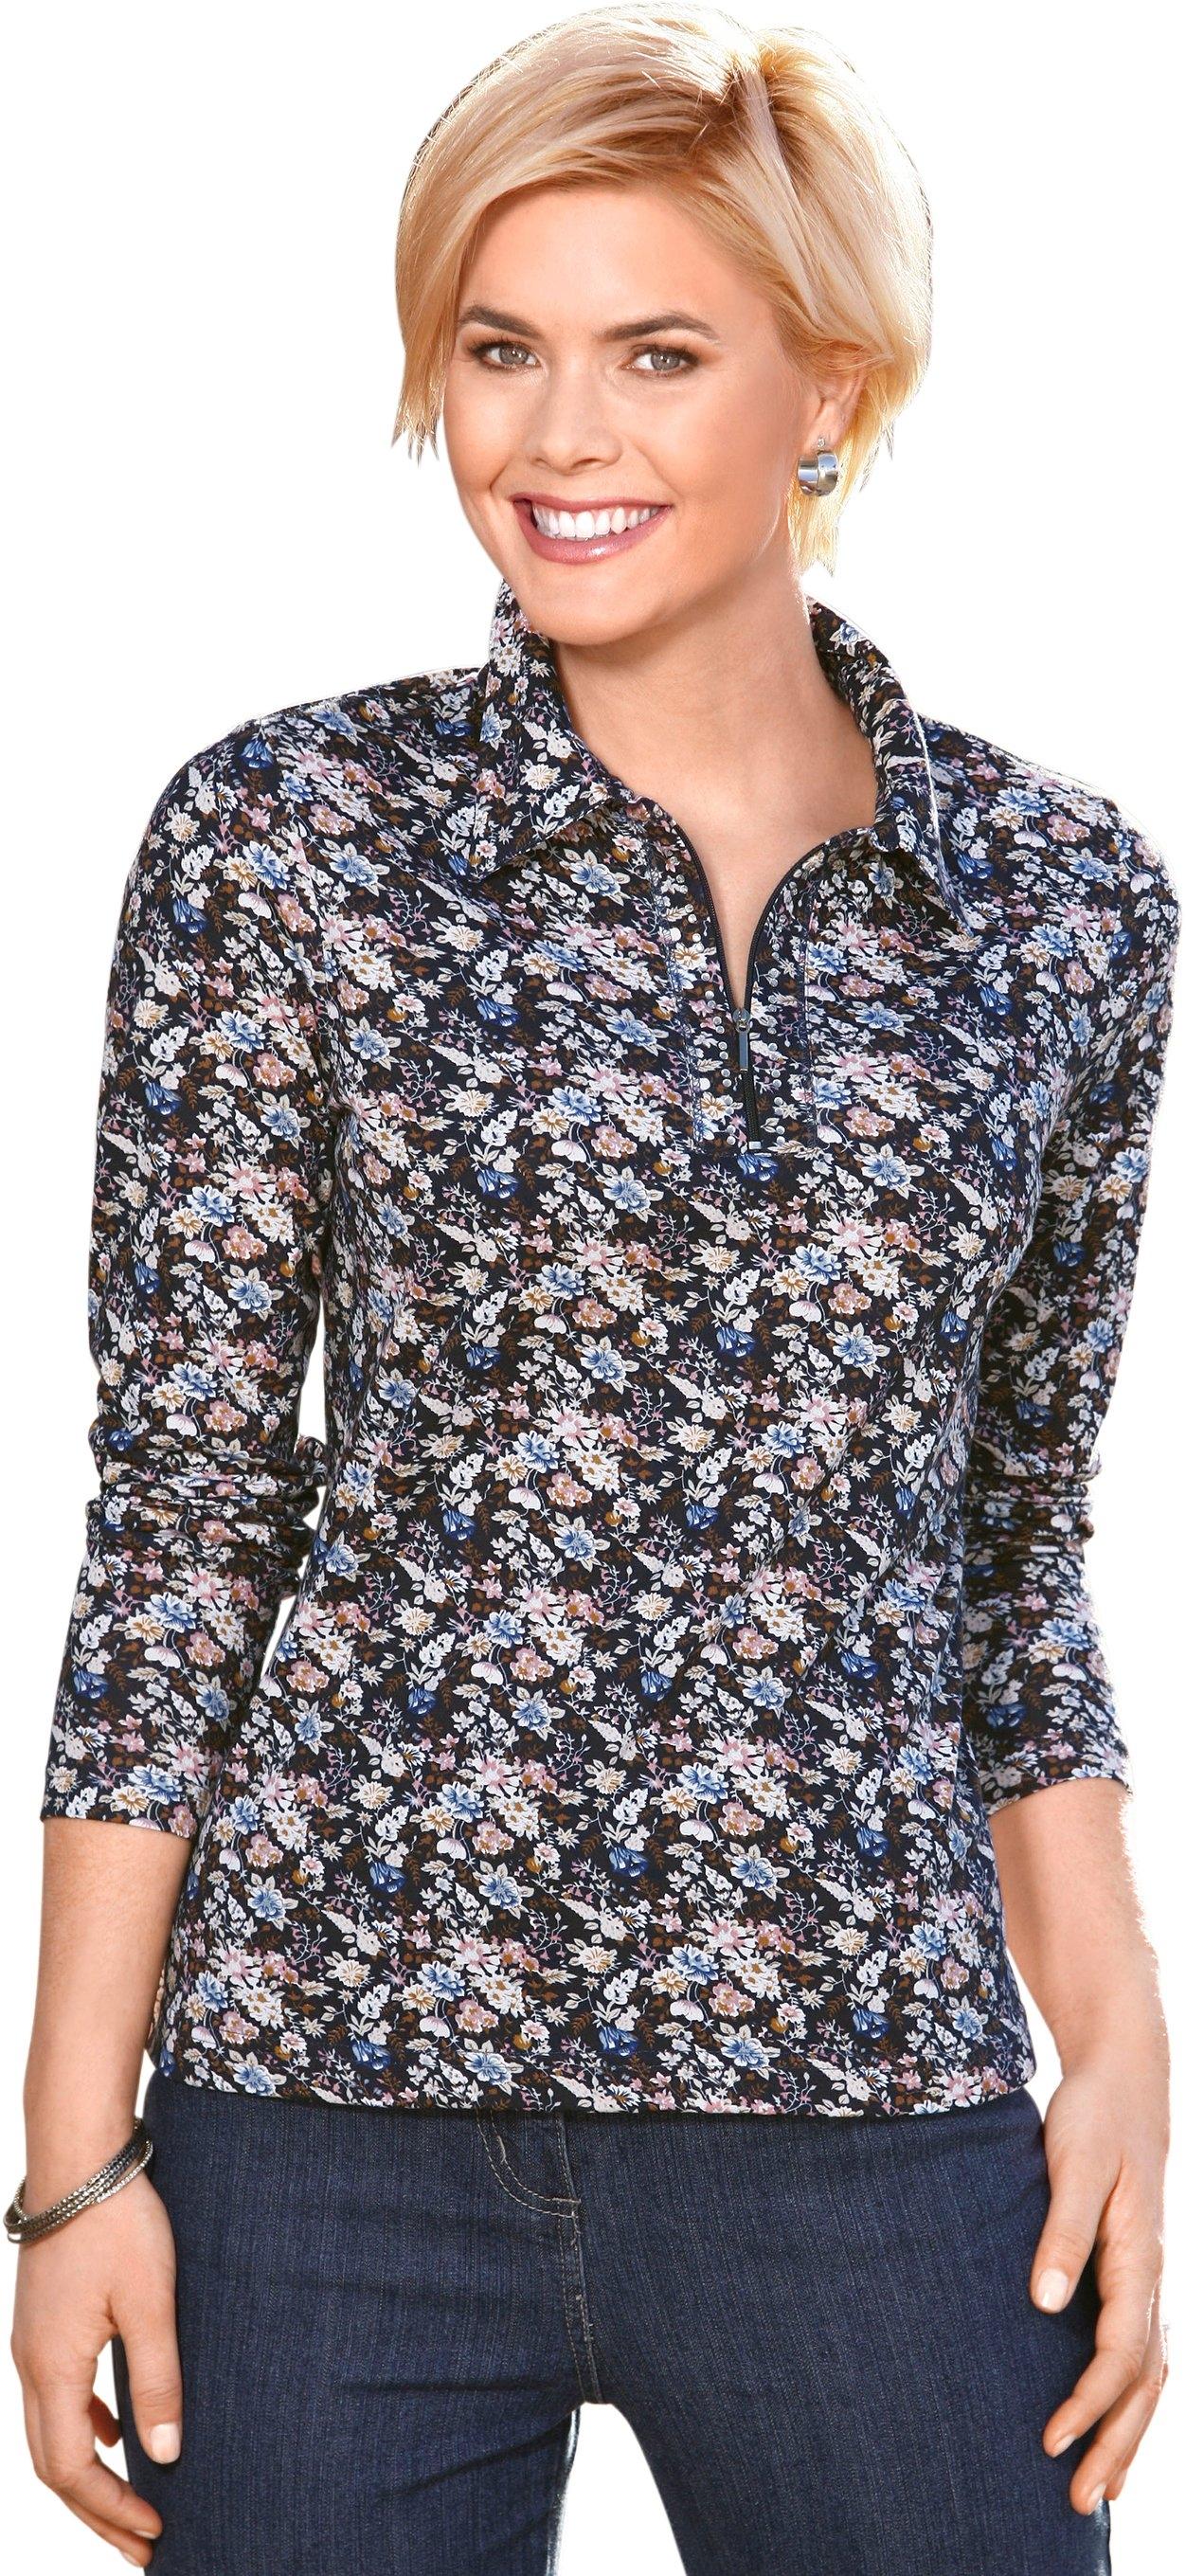 Een Polokraag Bestellen Classic Met Shirt Bij HE9YW2IeD